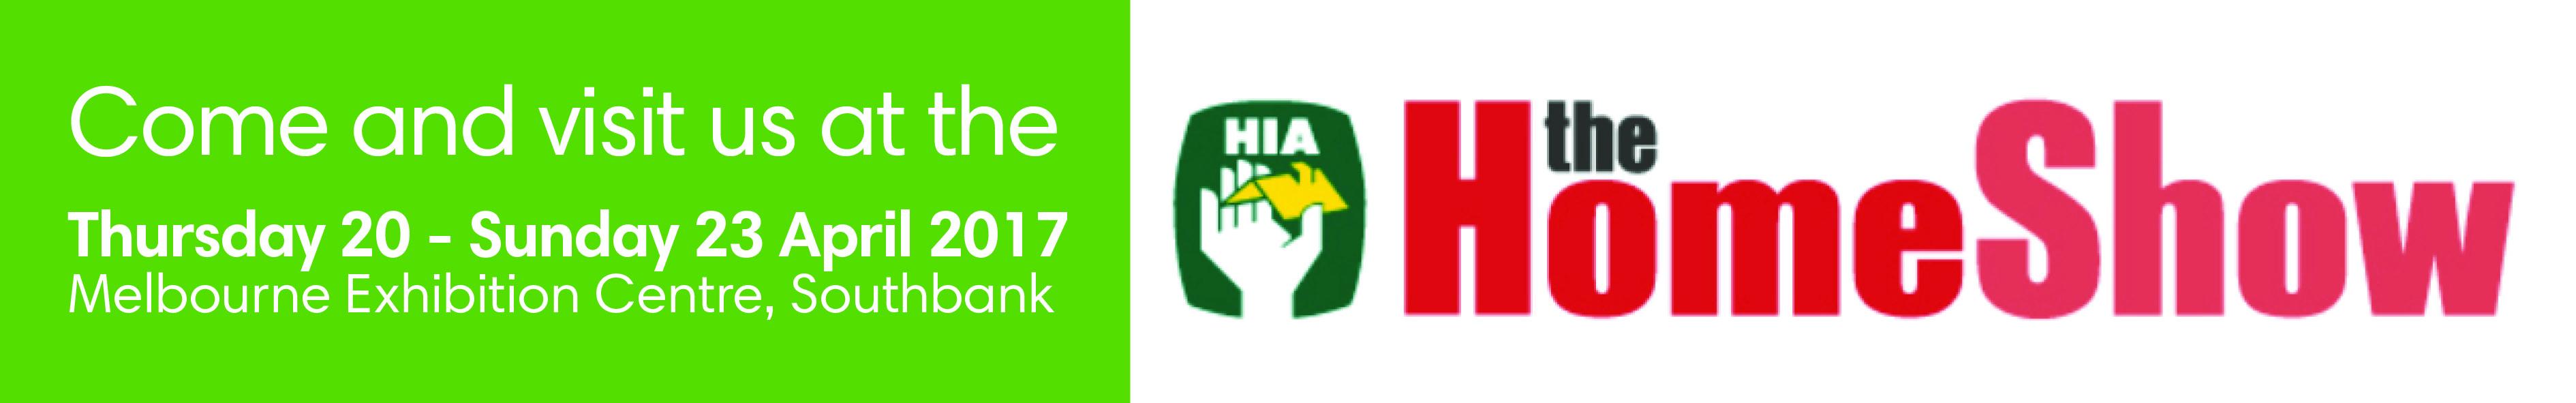 hia show